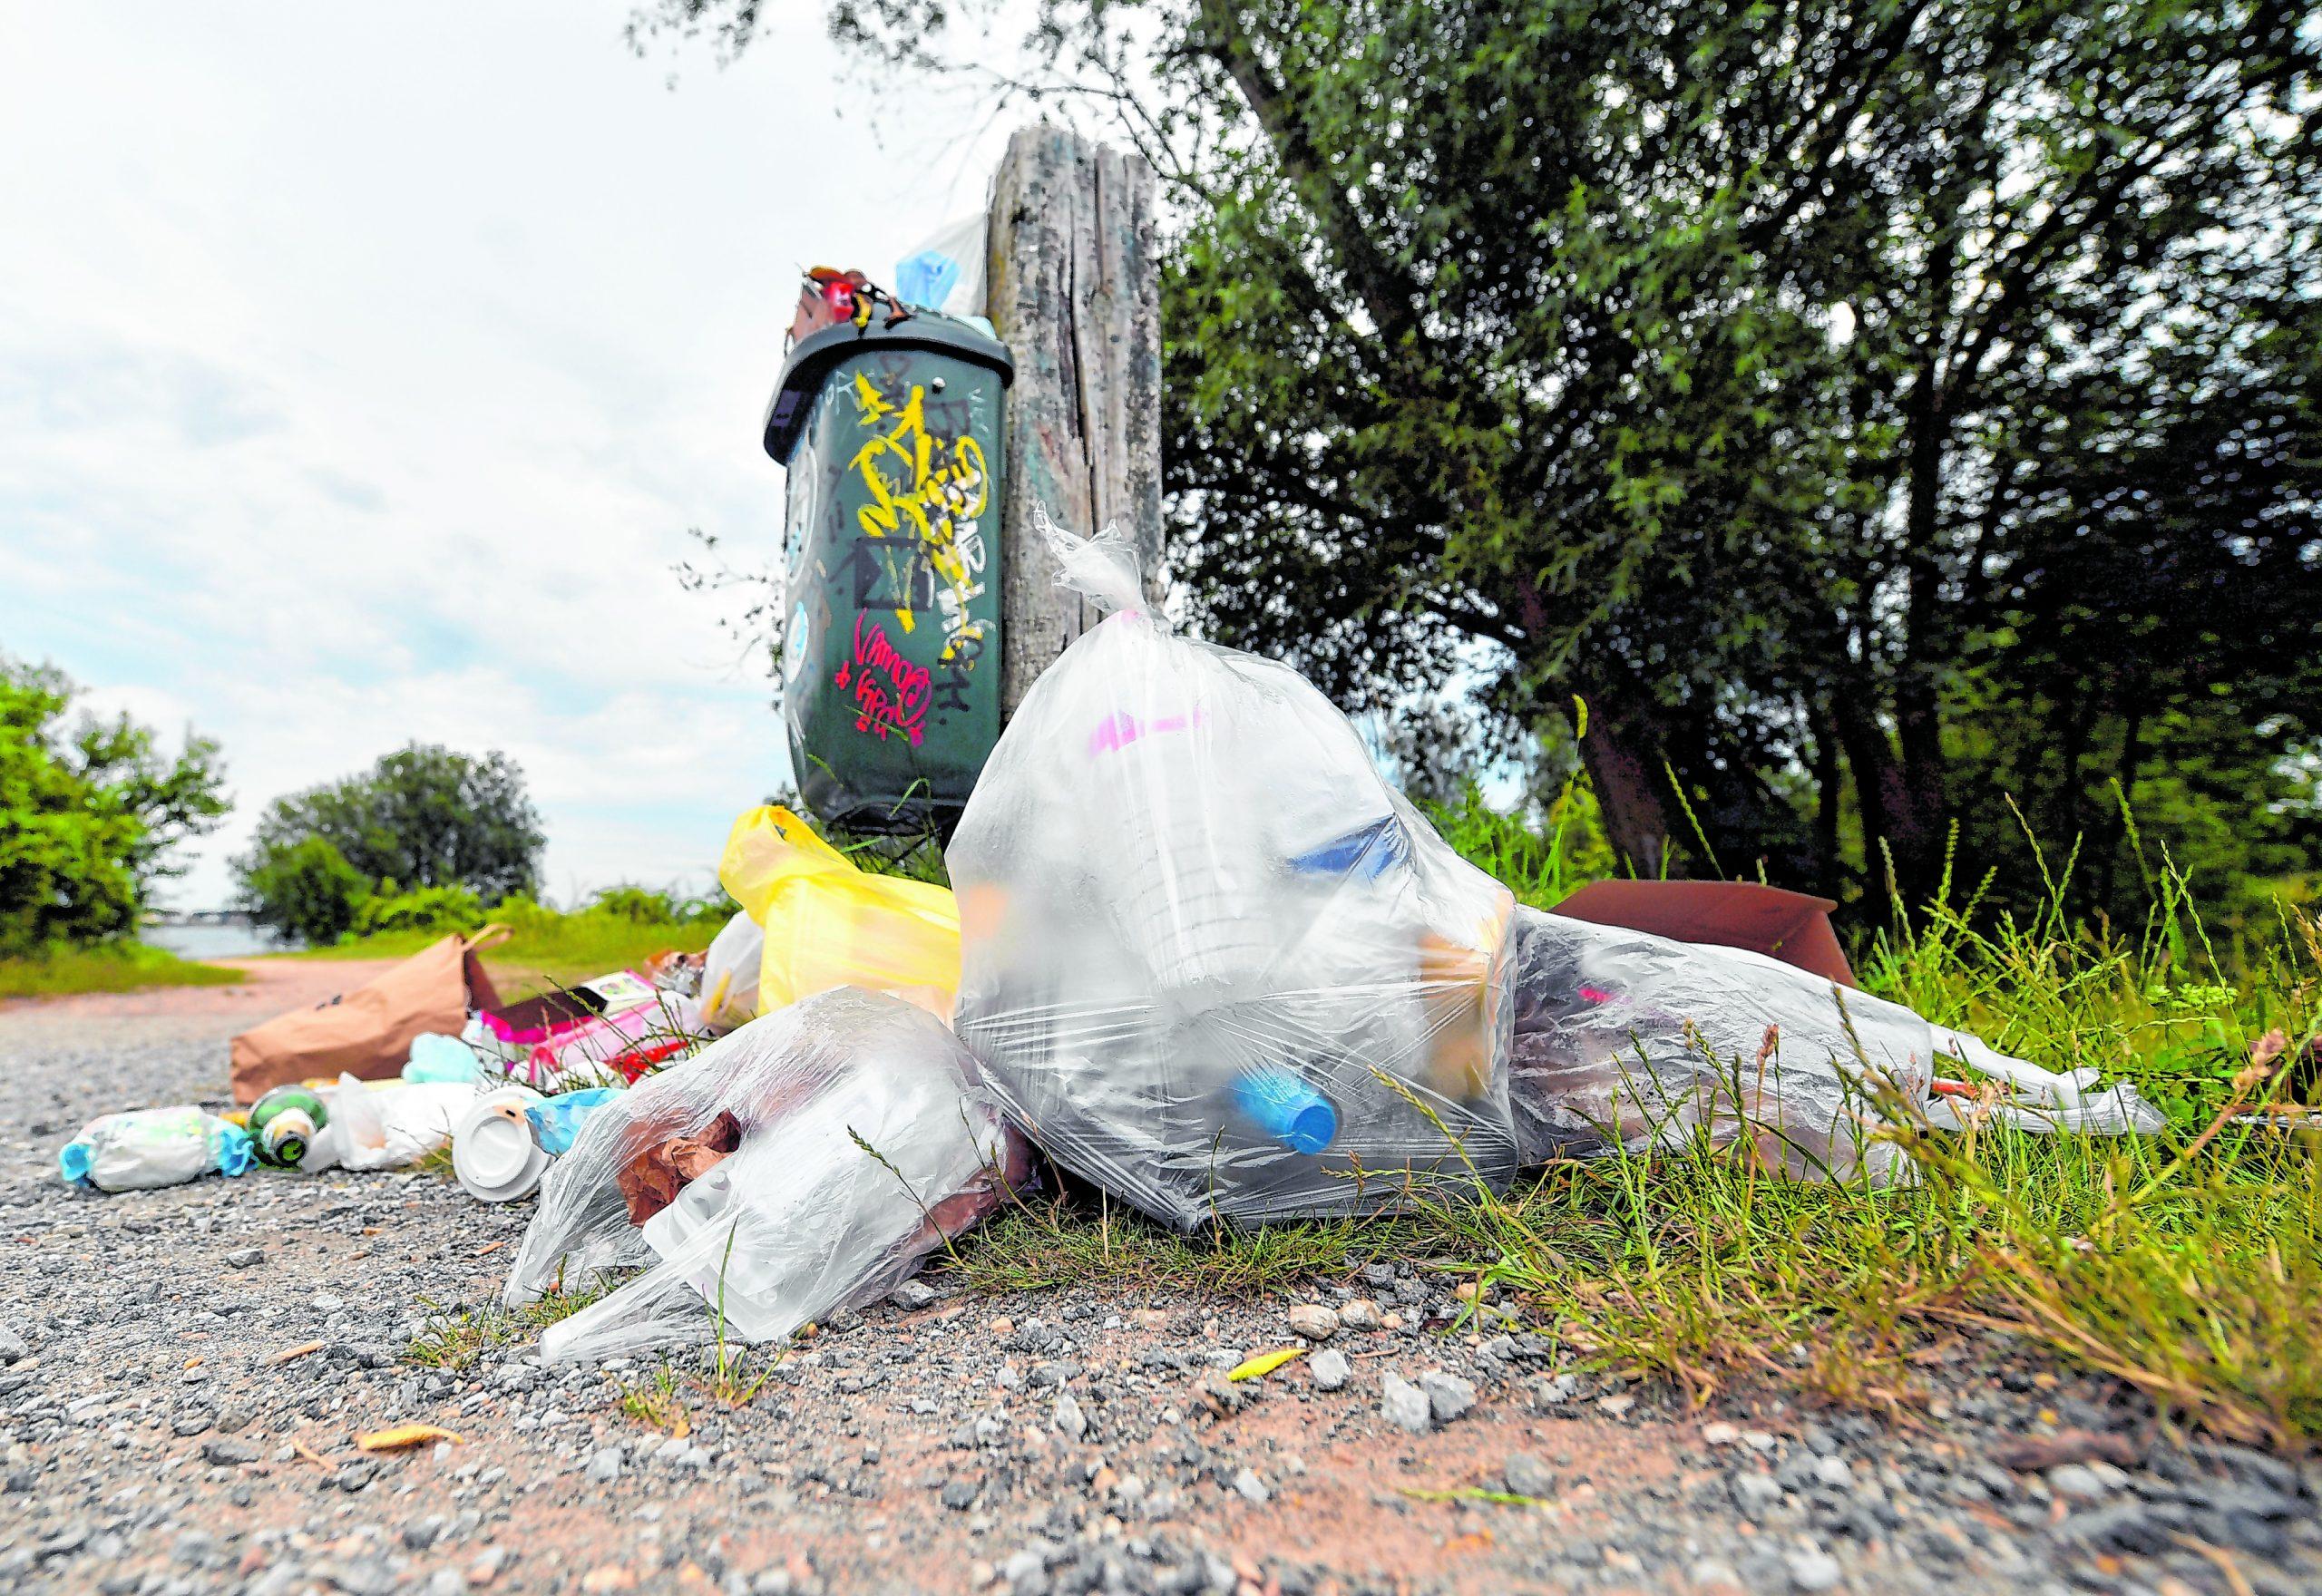 Volle Müllsäcke neben einem überfüllten Mülleimer in Großbritannien